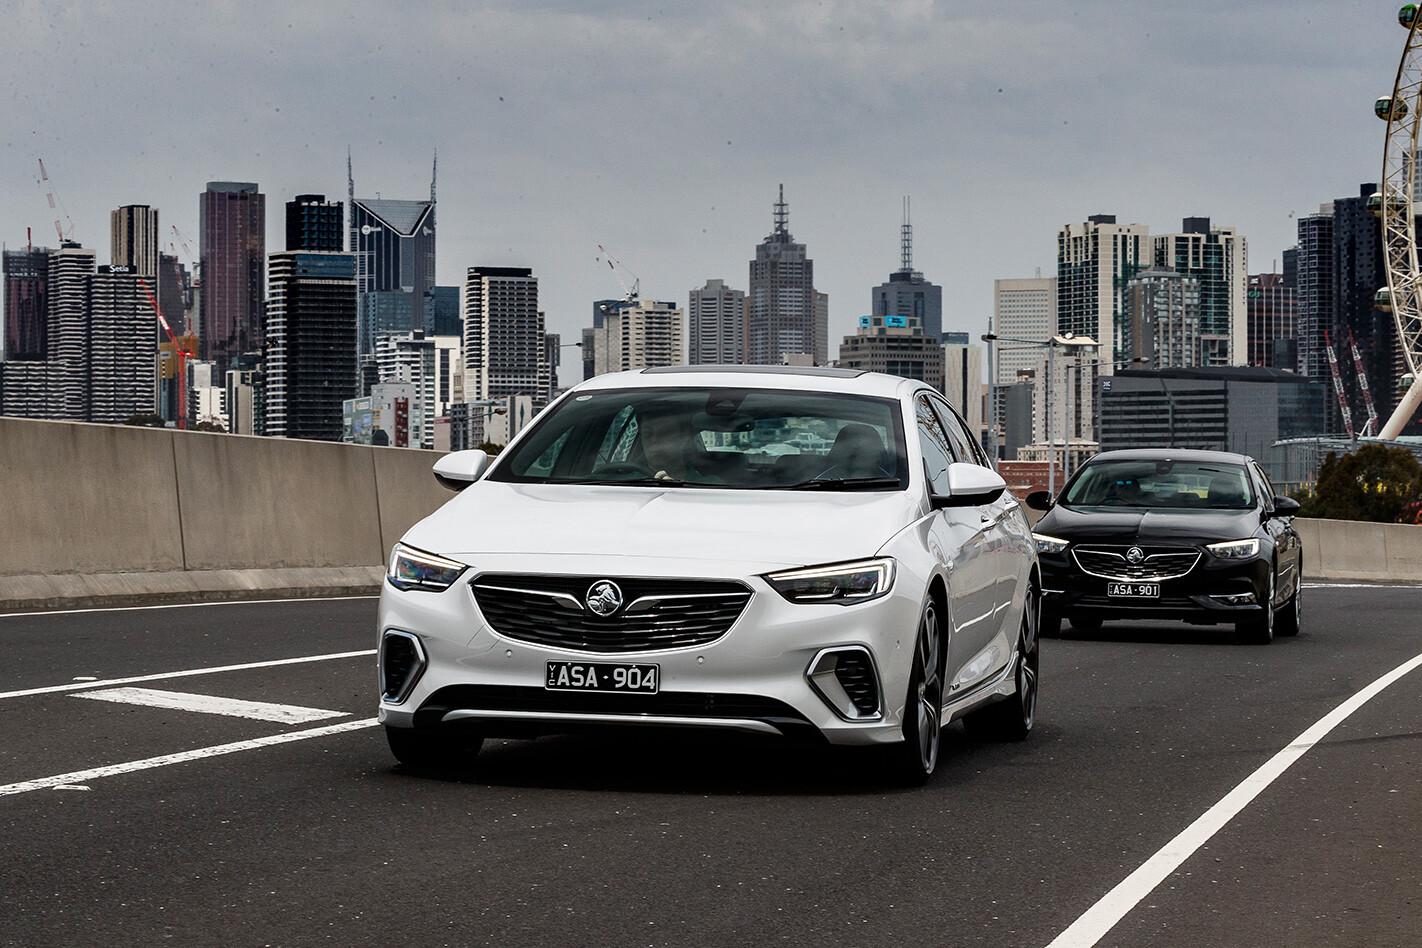 2018 Holden Commodore Melbourne